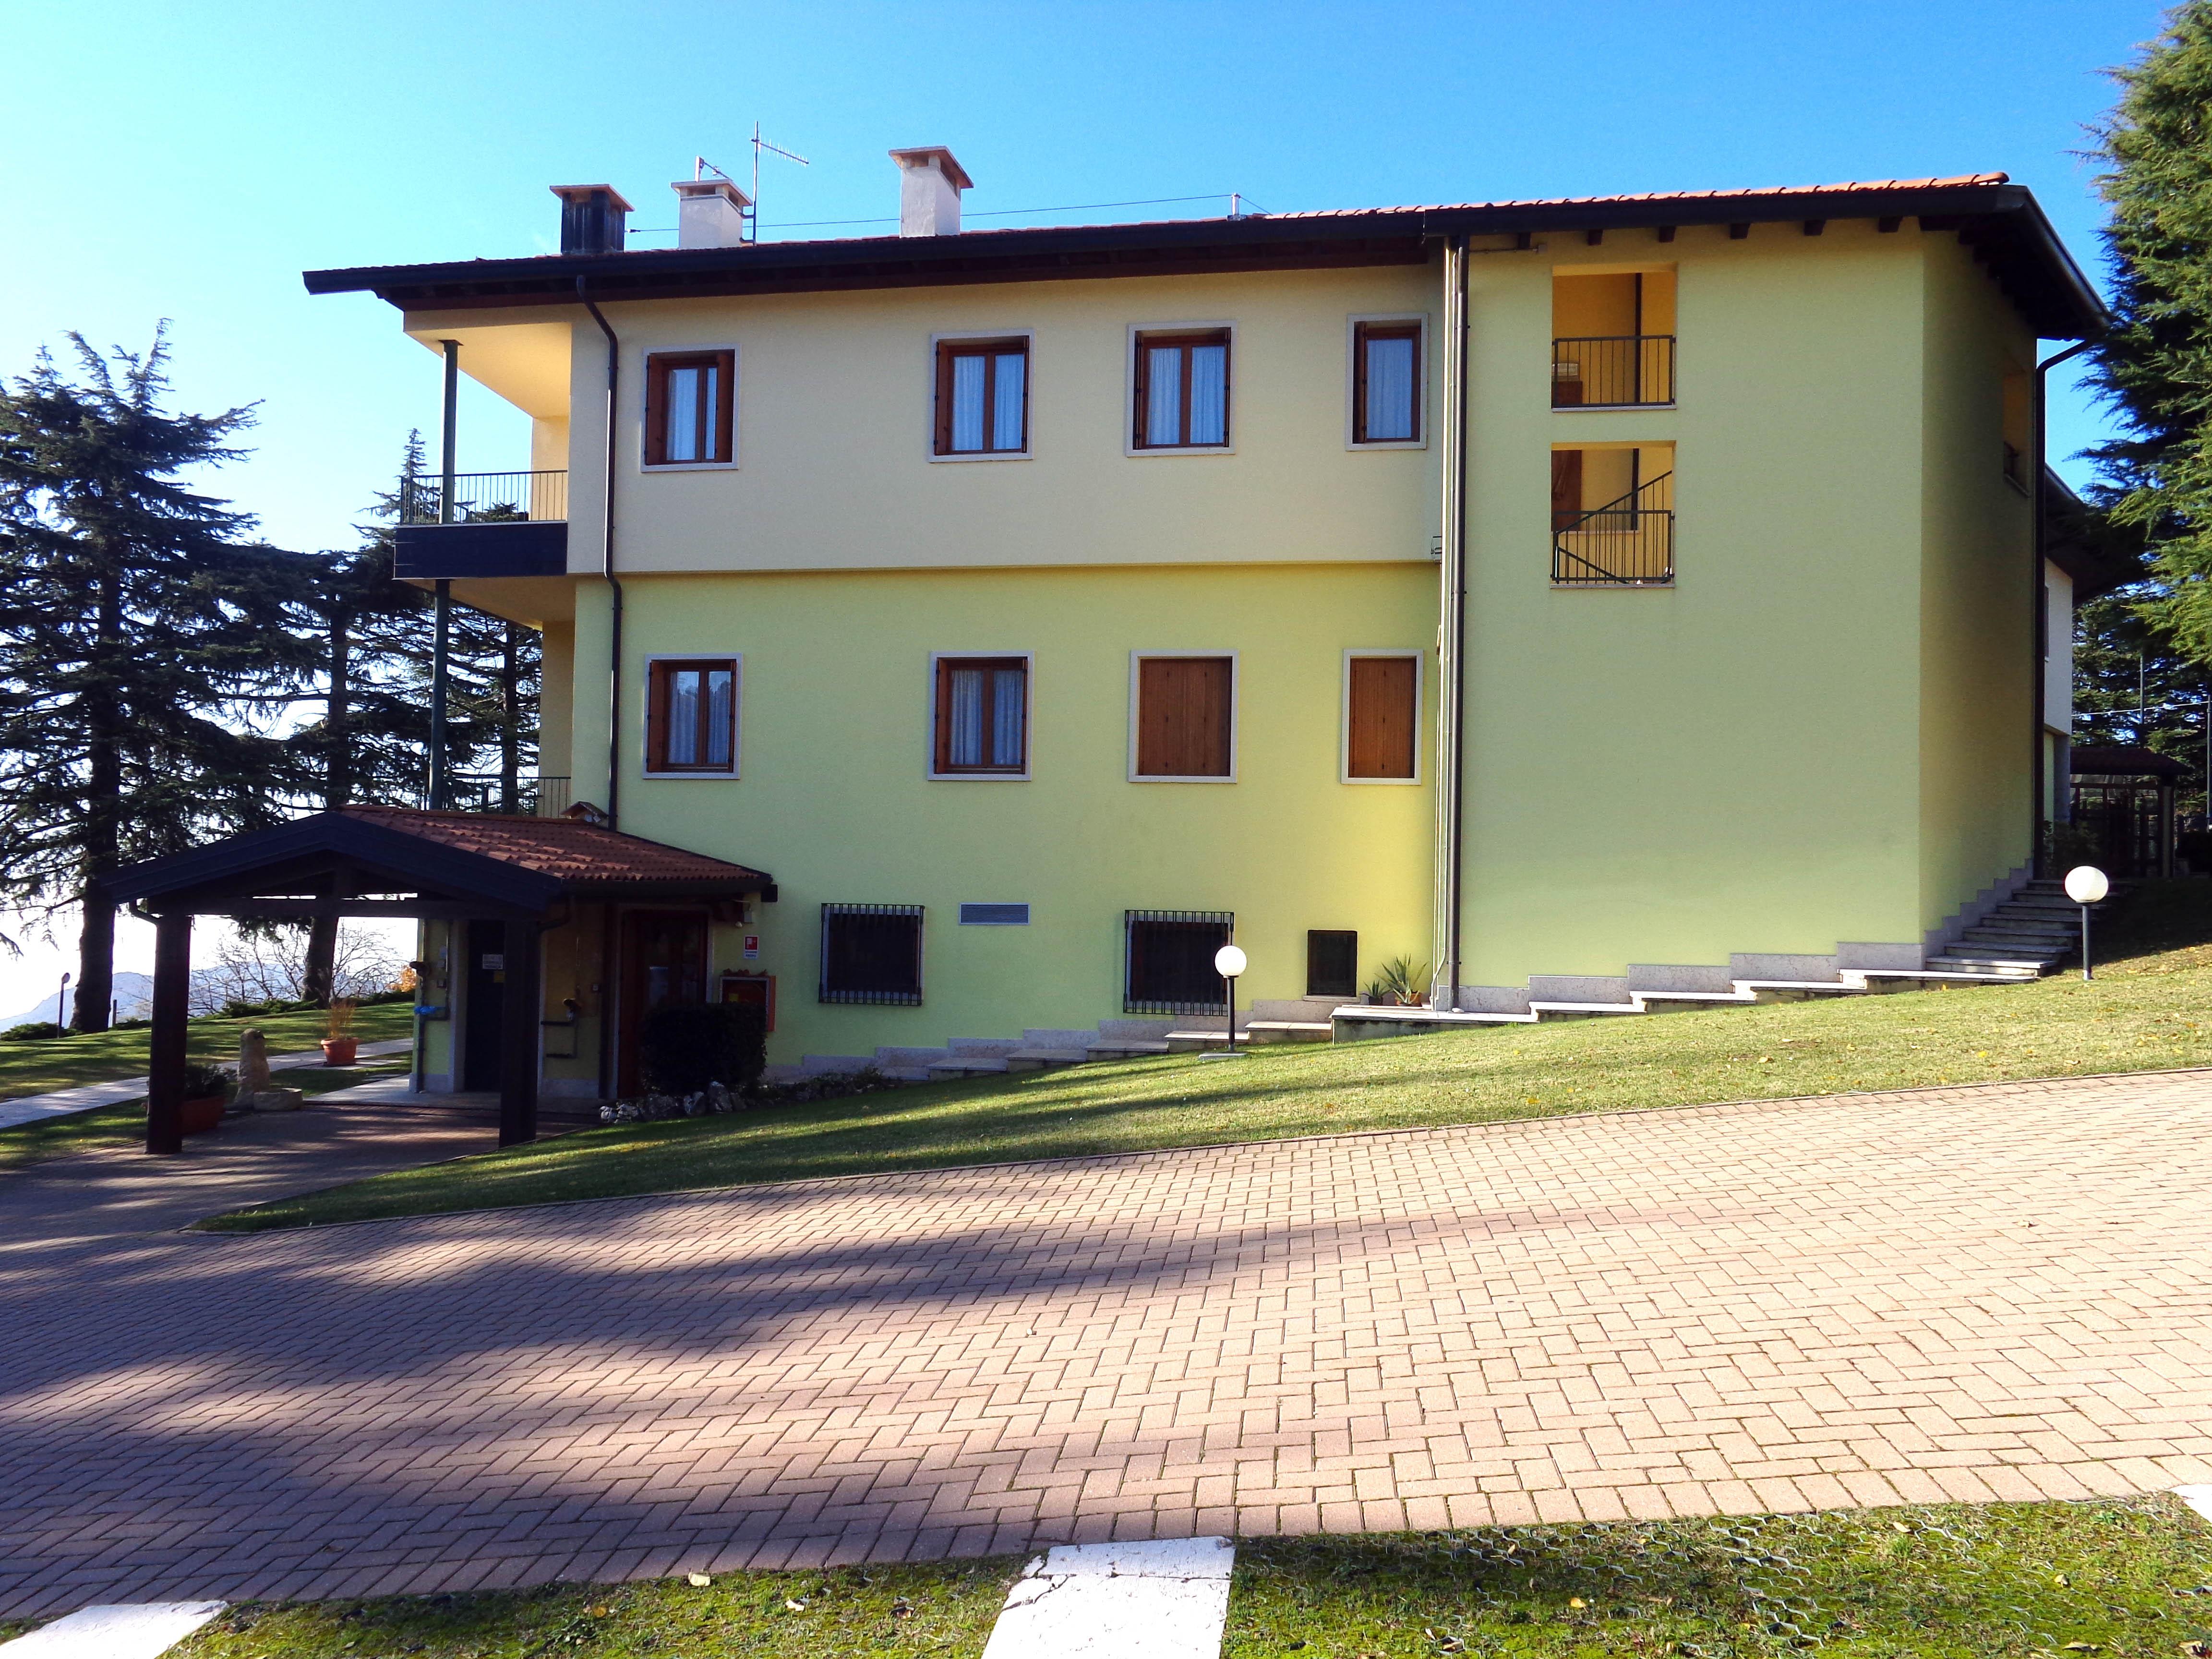 casa - lato est